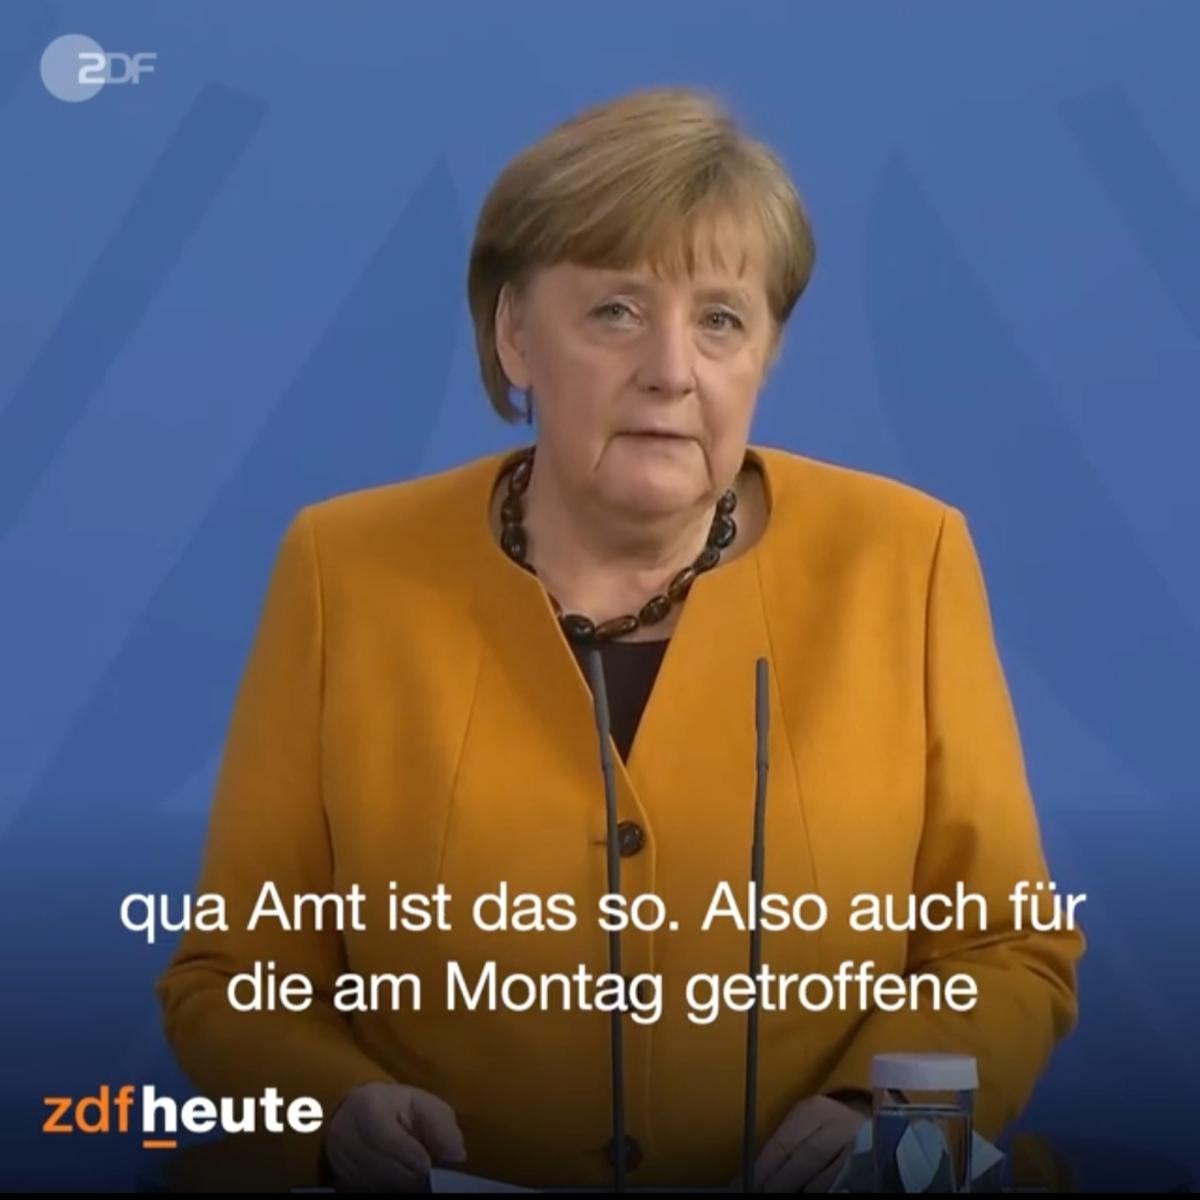 عذرخواهی مرکل از مردم آلمان به دلیل تصمیم اشتباه + ویدئو